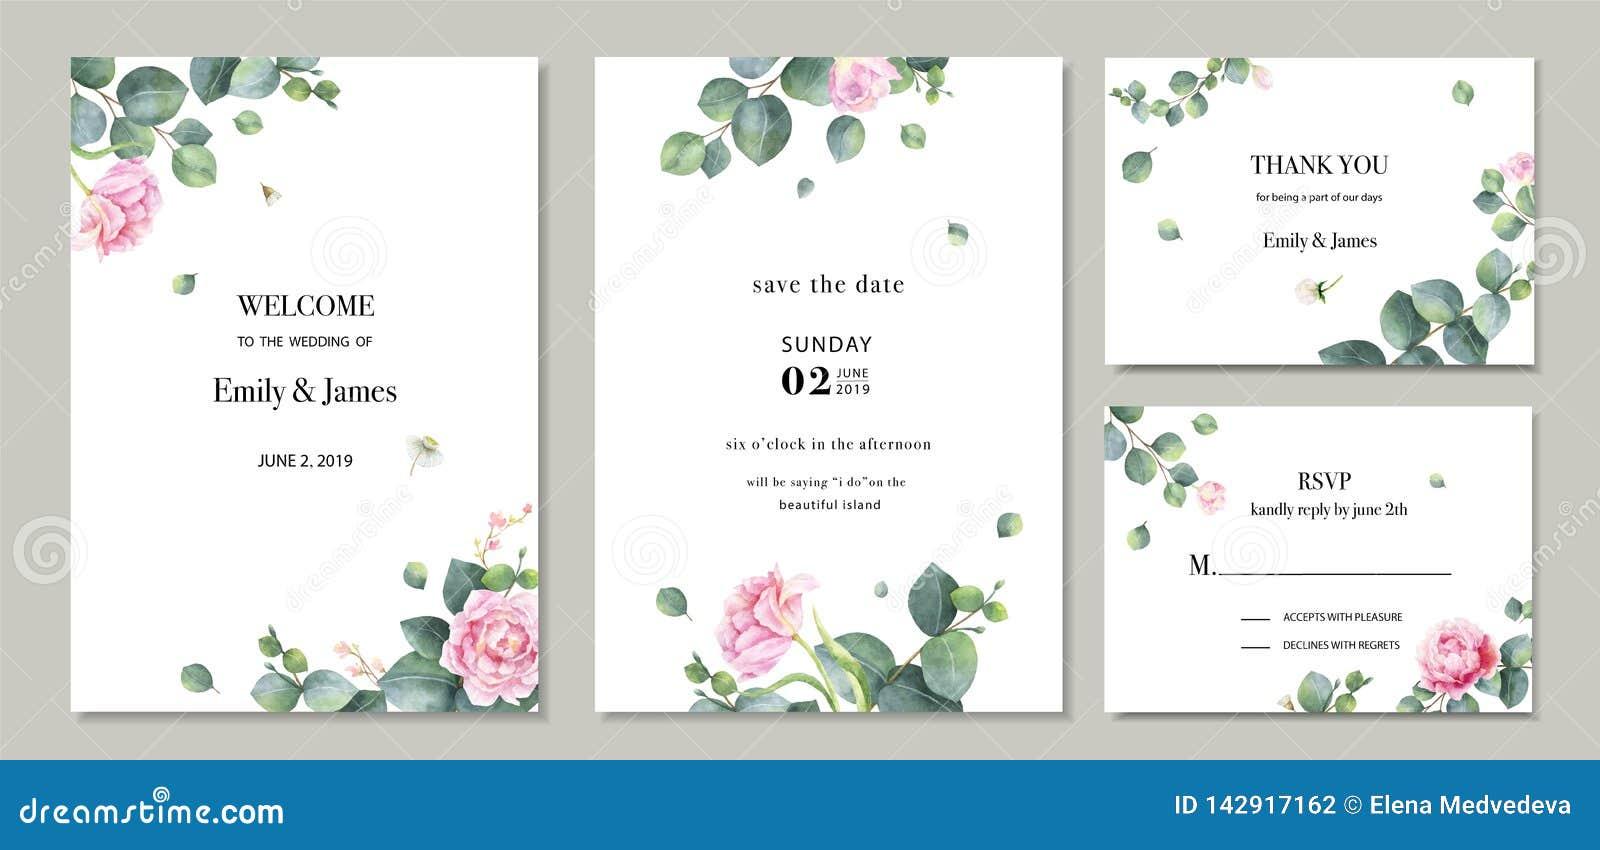 Projeto do molde do cartão do convite do casamento do grupo do vetor da aquarela com as folhas e as flores verdes do eucalipto